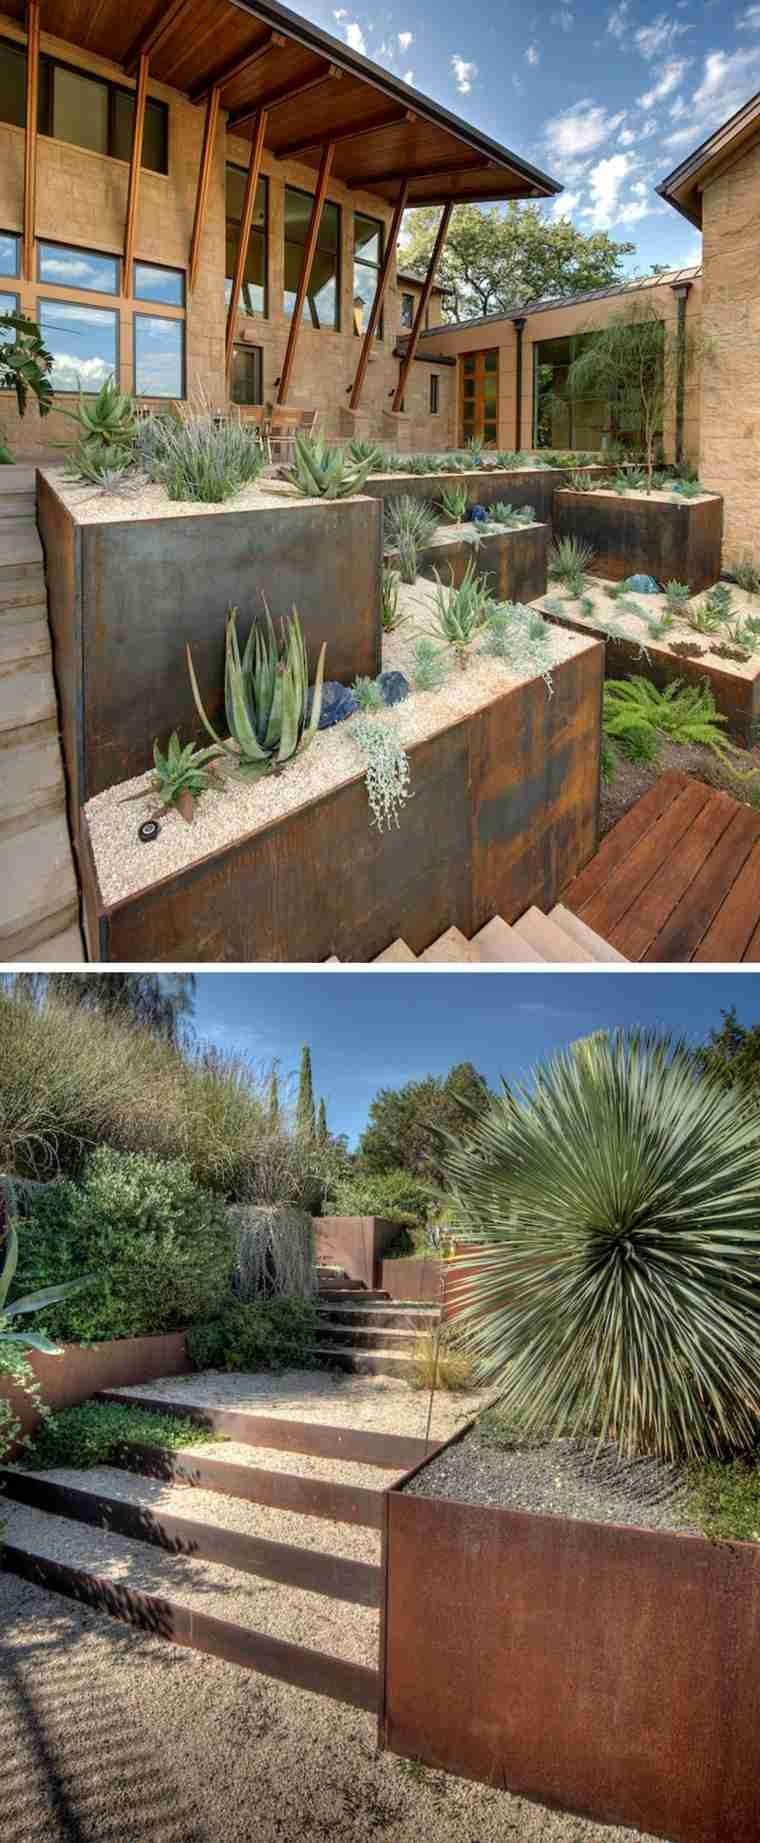 jardinire extrieure en acier patin pour un style industriel - Jardiniere Exterieure Contemporaine